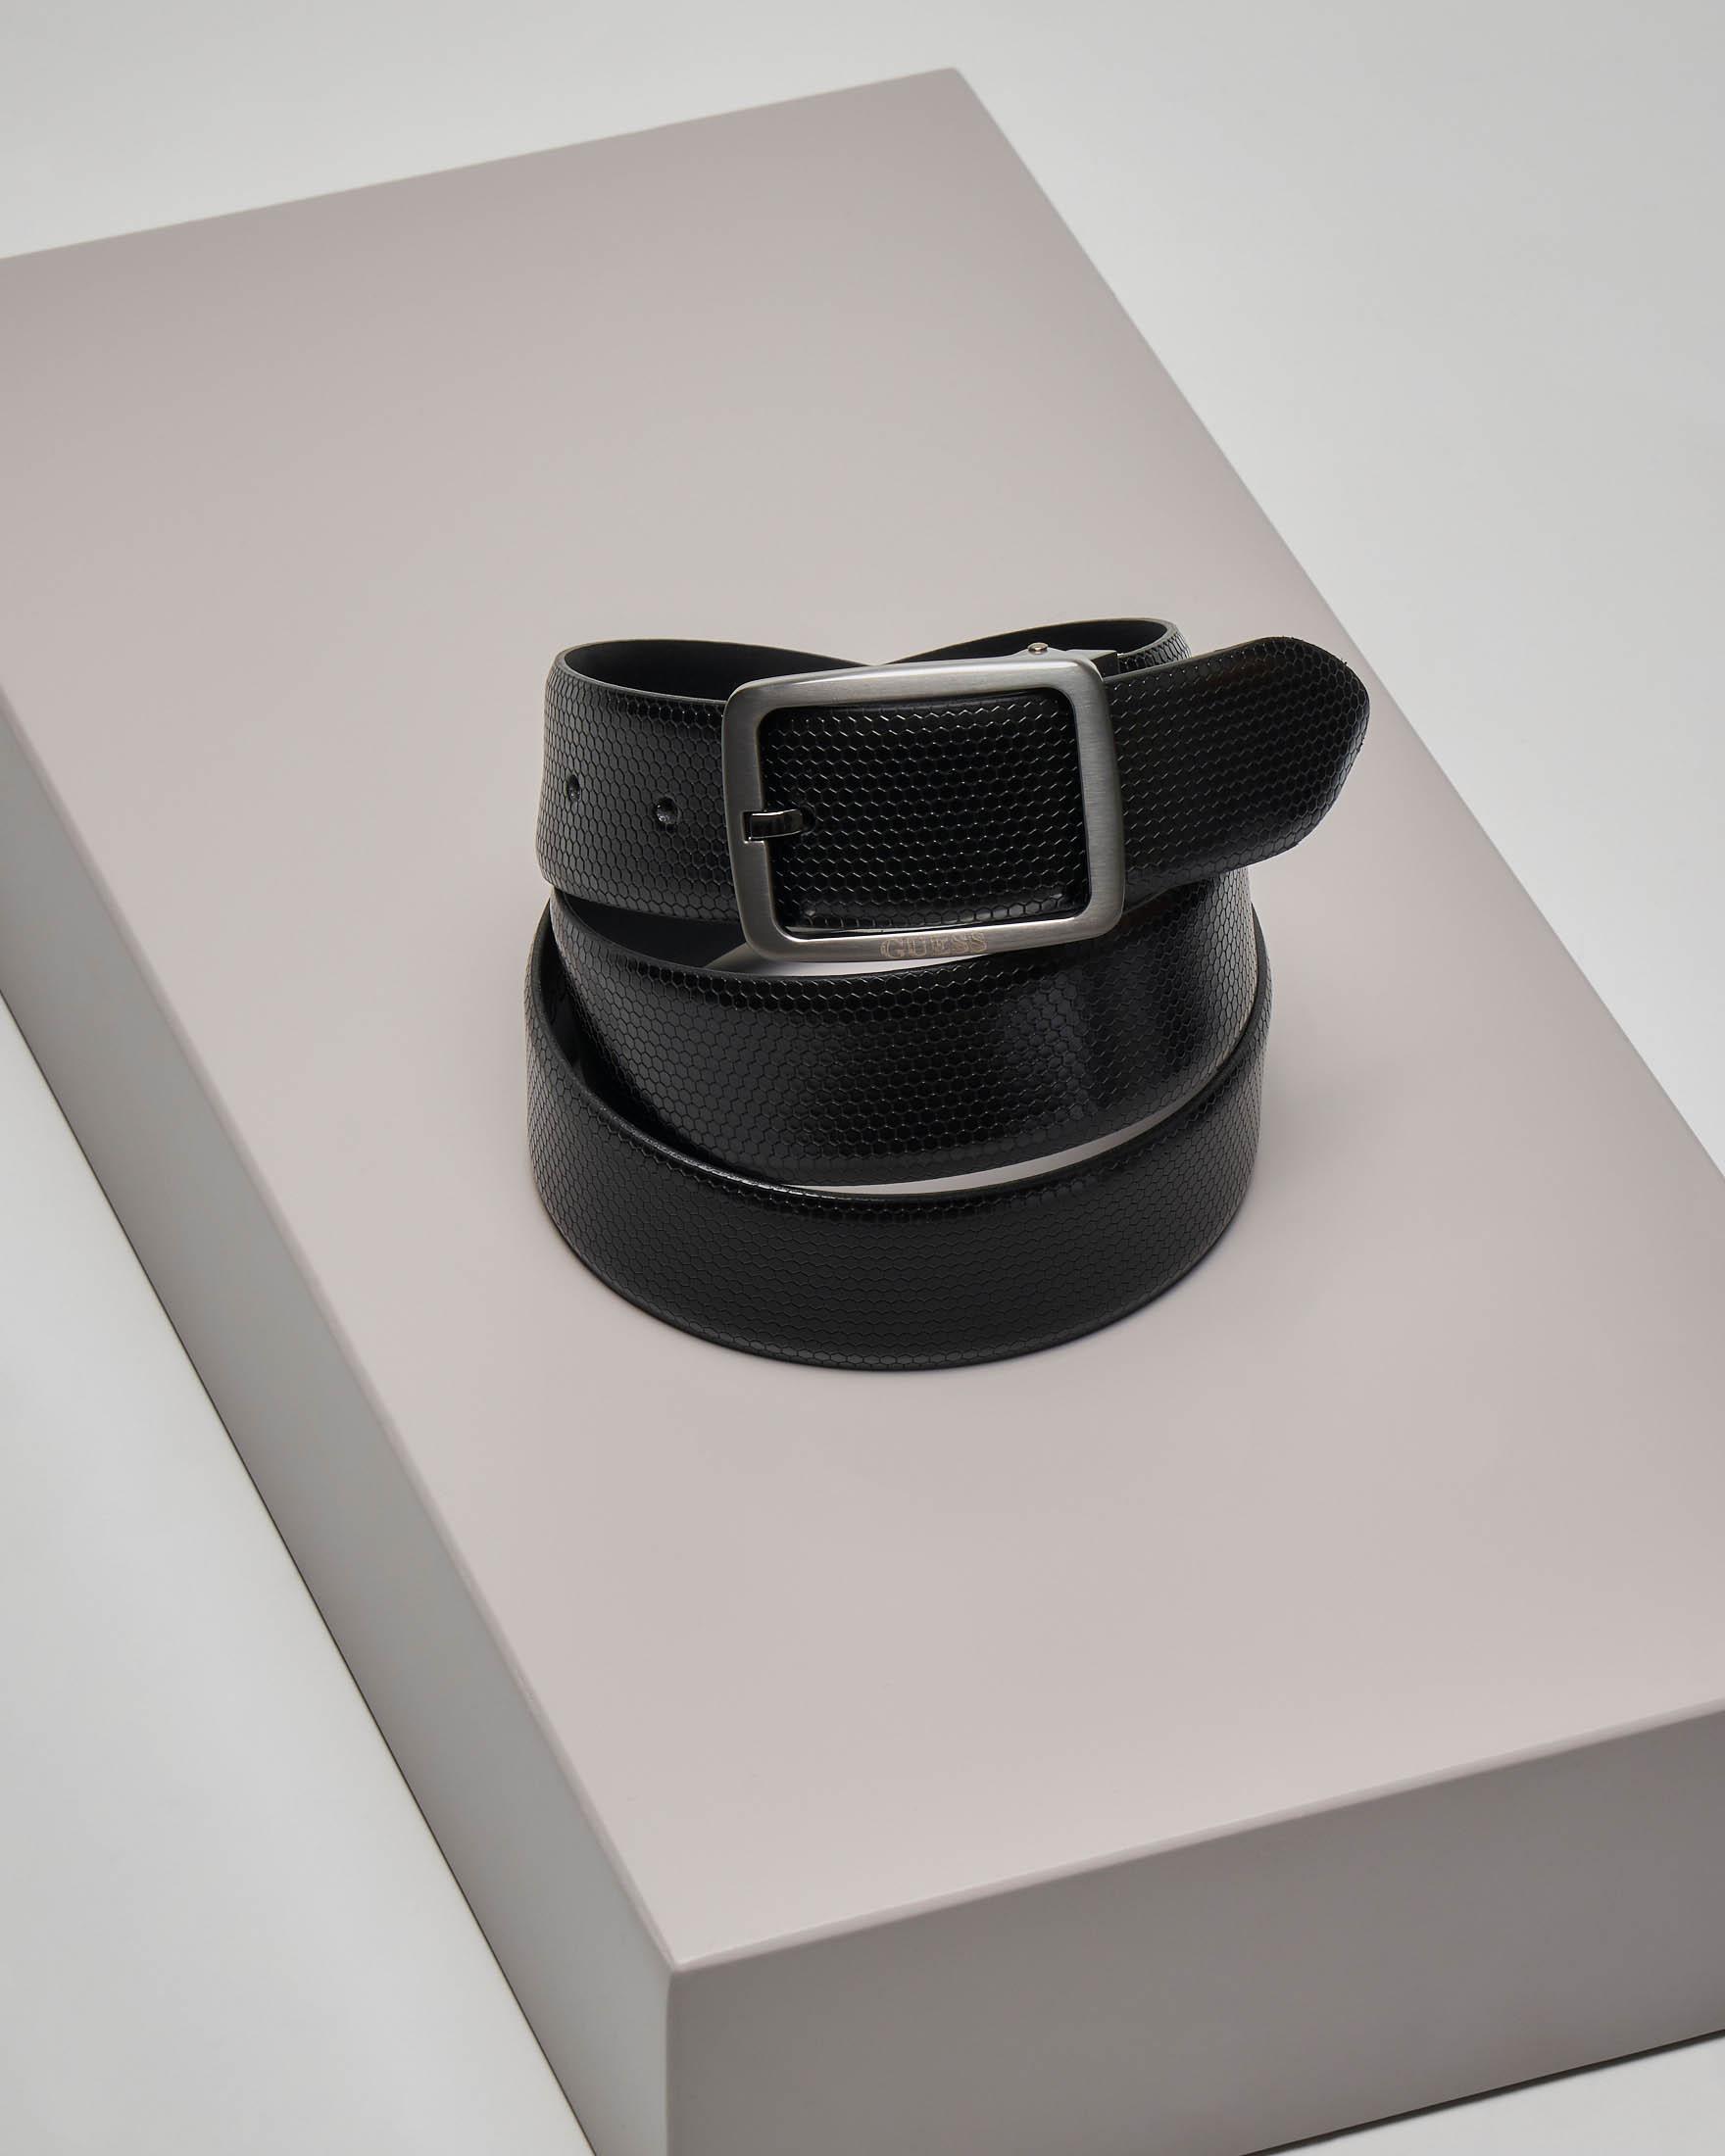 Cintura nera in pelle micro-disegno